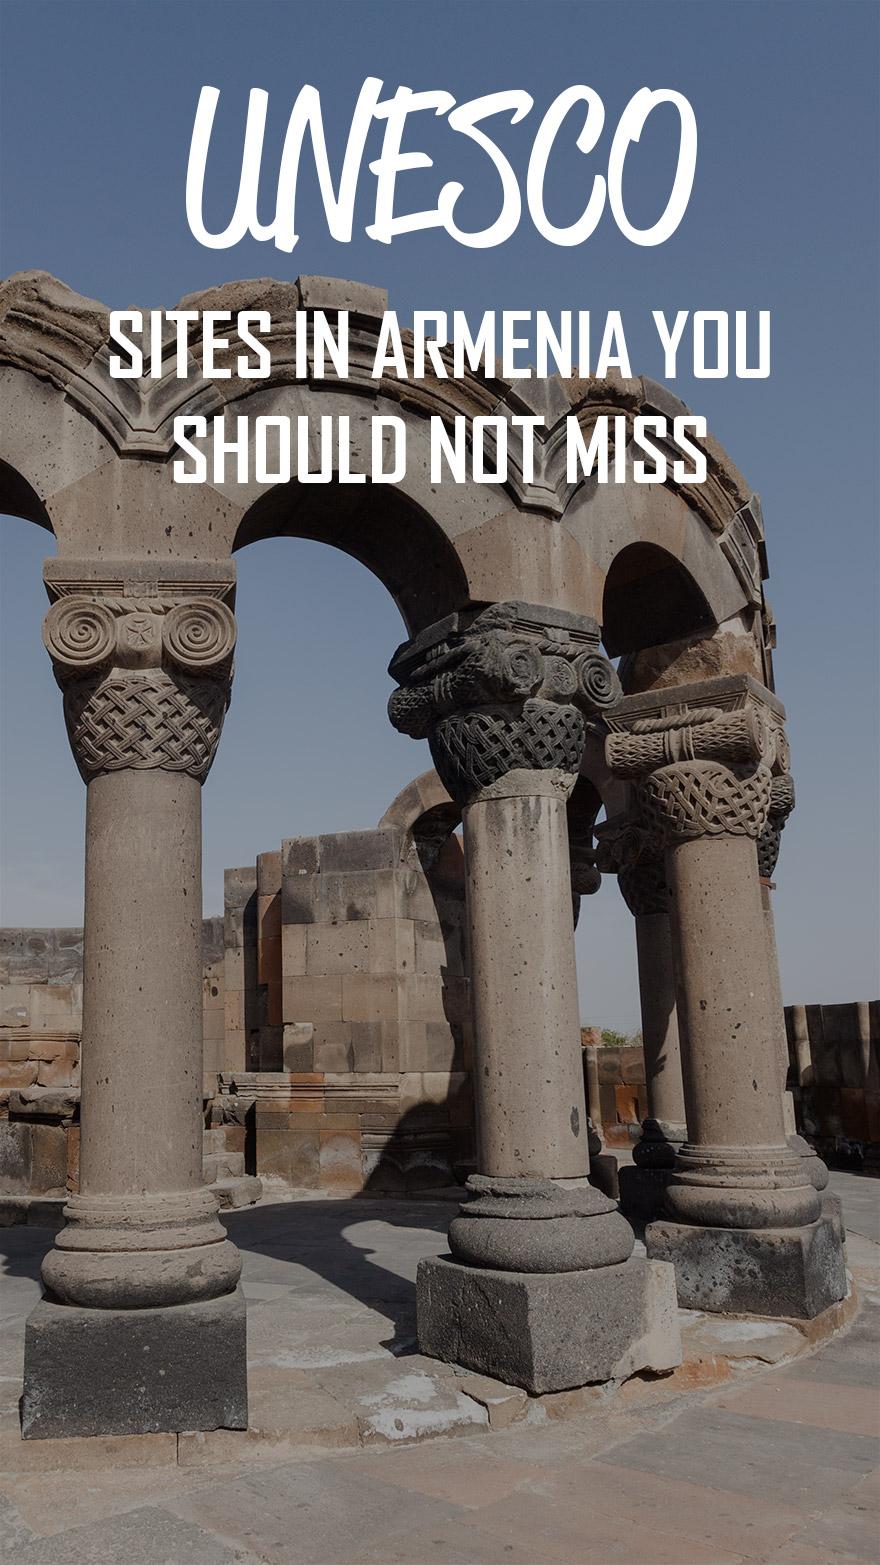 UNESCO sites in Armenia